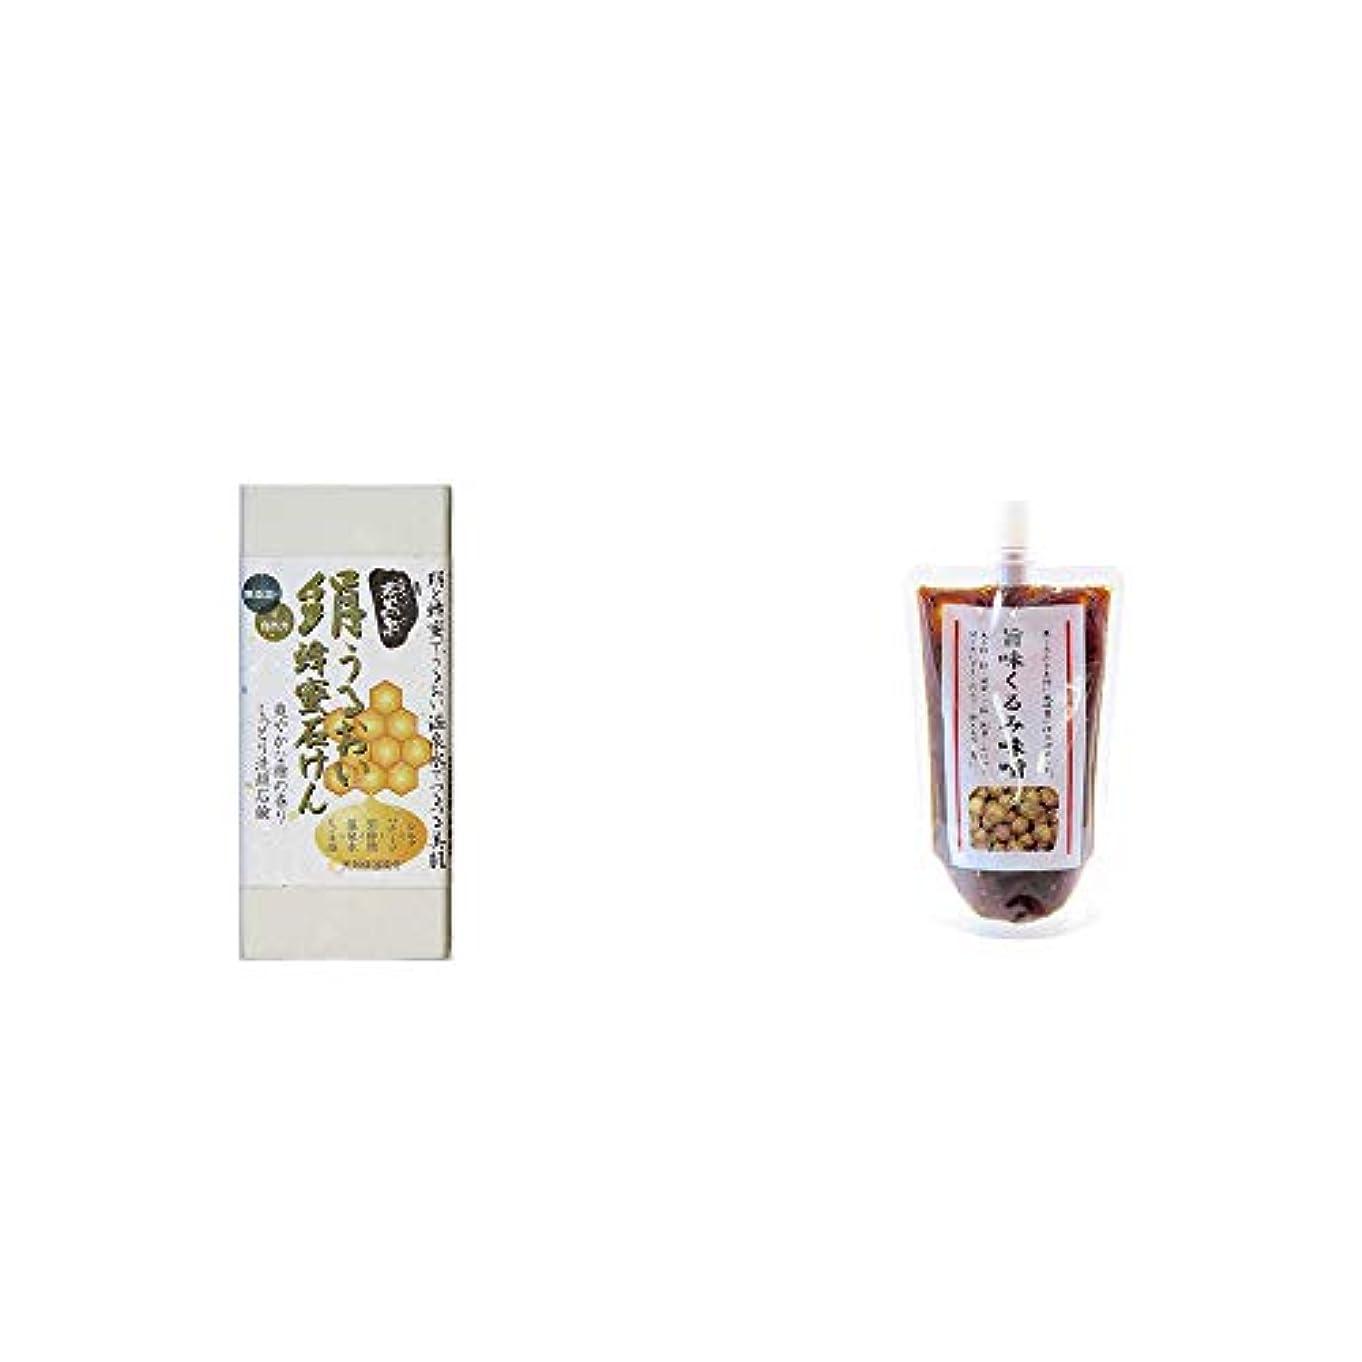 衝突コース放射能行方不明[2点セット] ひのき炭黒泉 絹うるおい蜂蜜石けん(75g×2)?旨味くるみ味噌(260g)